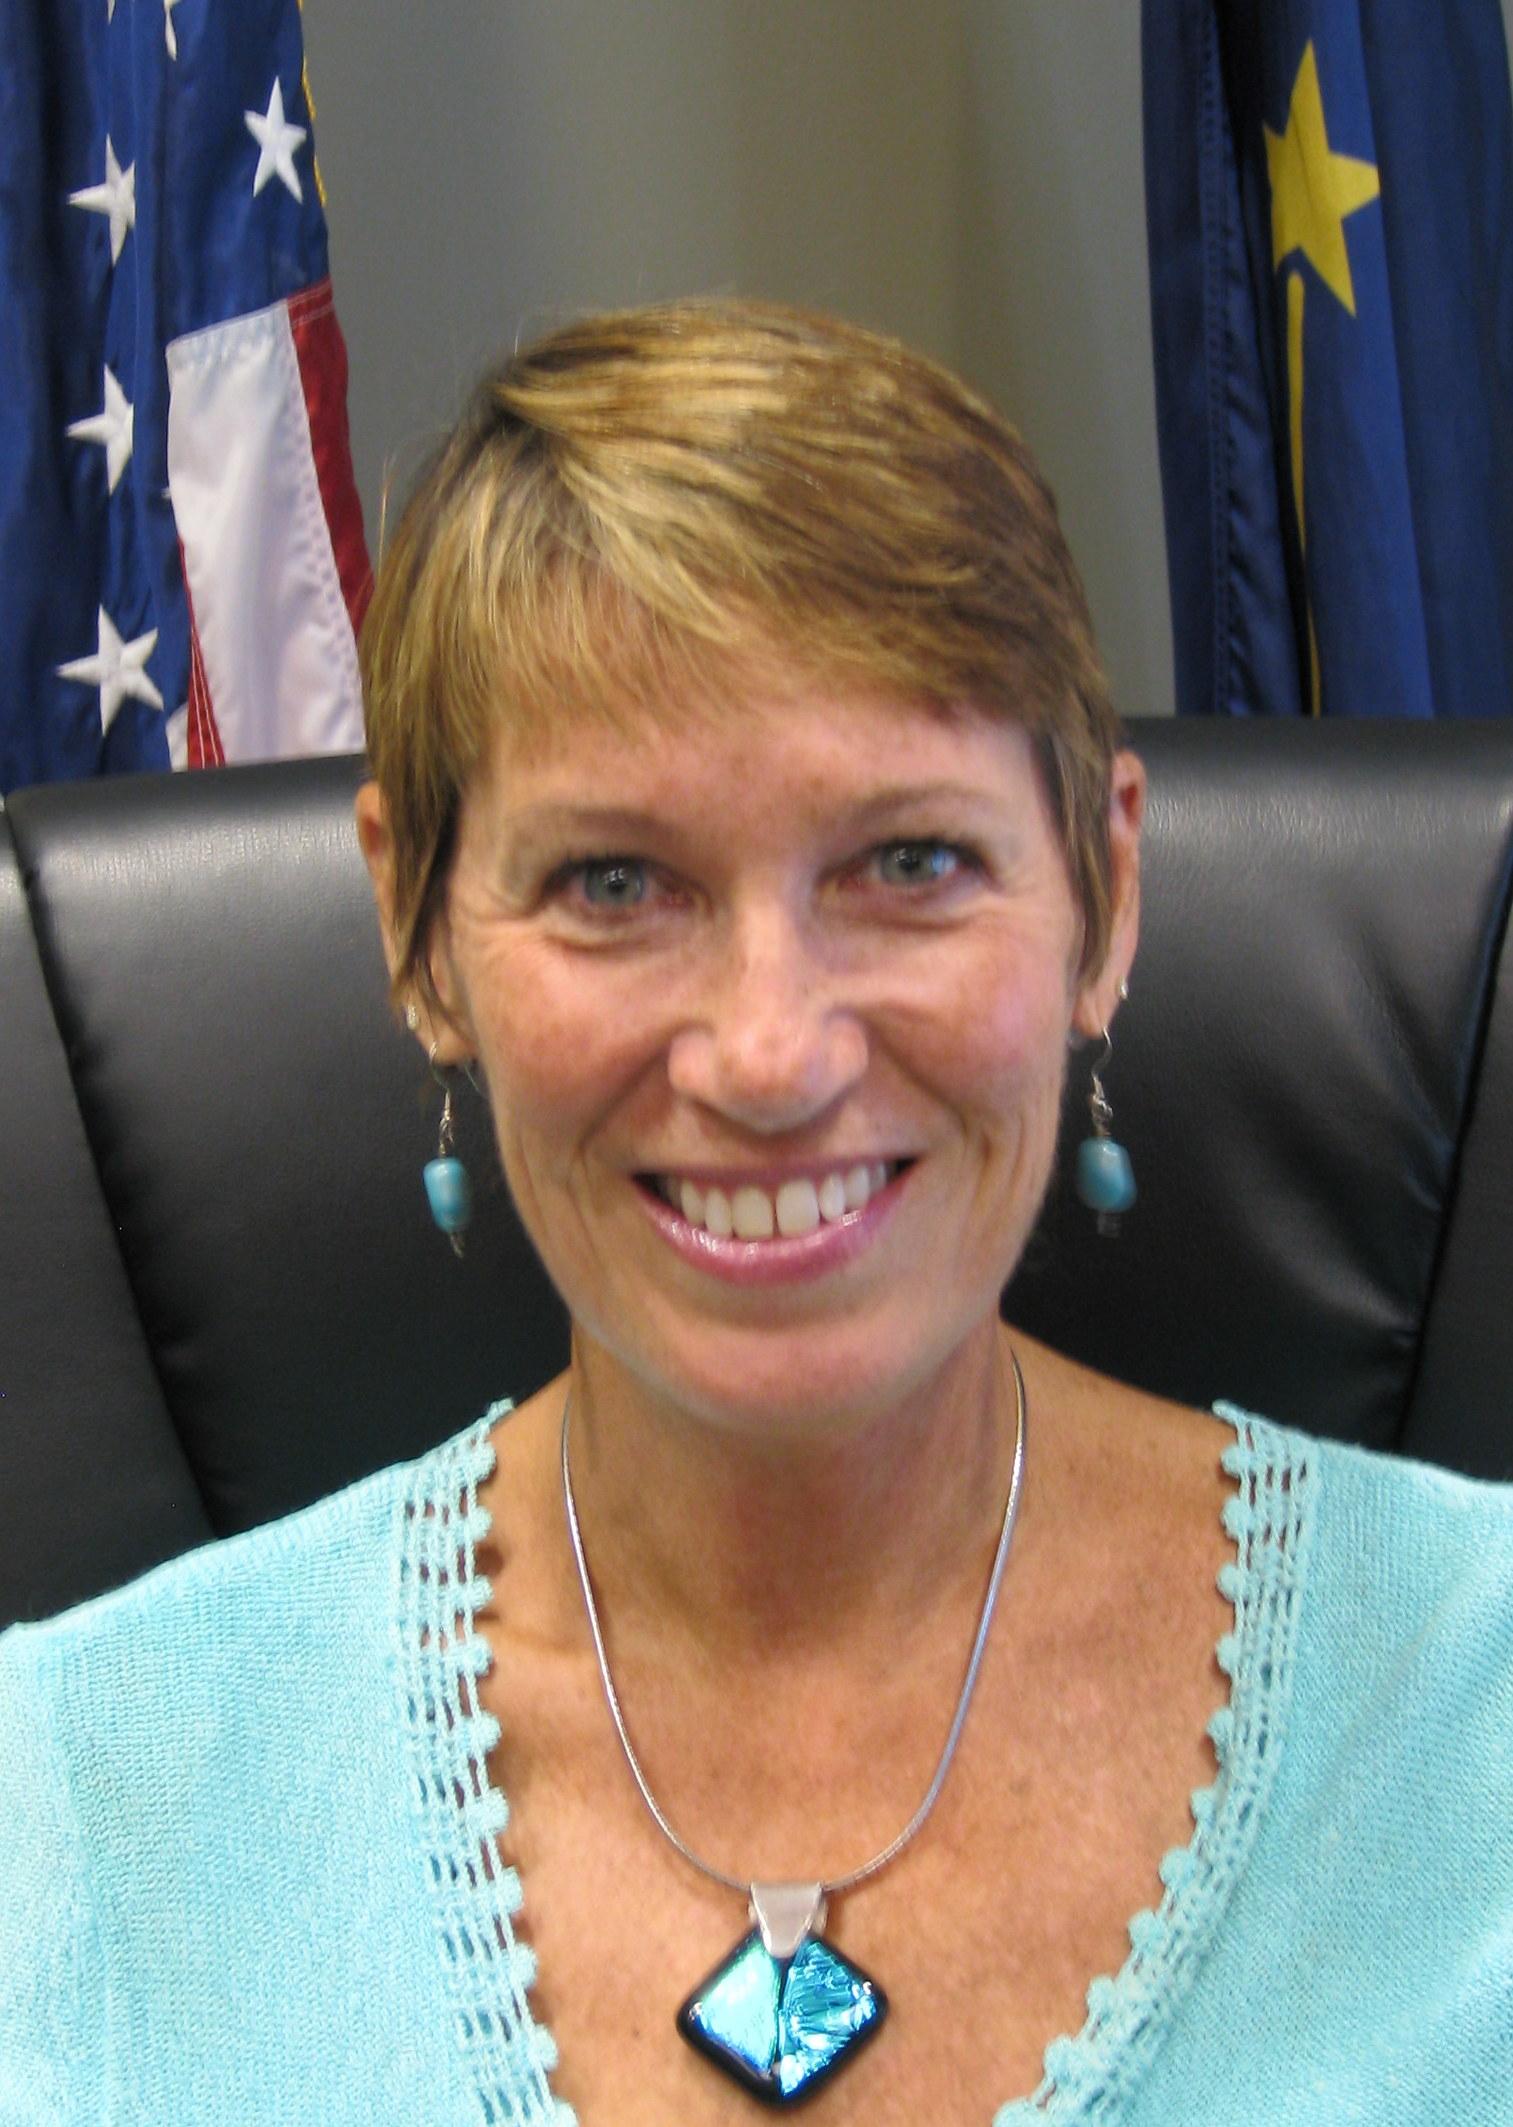 Tonya Galbraith